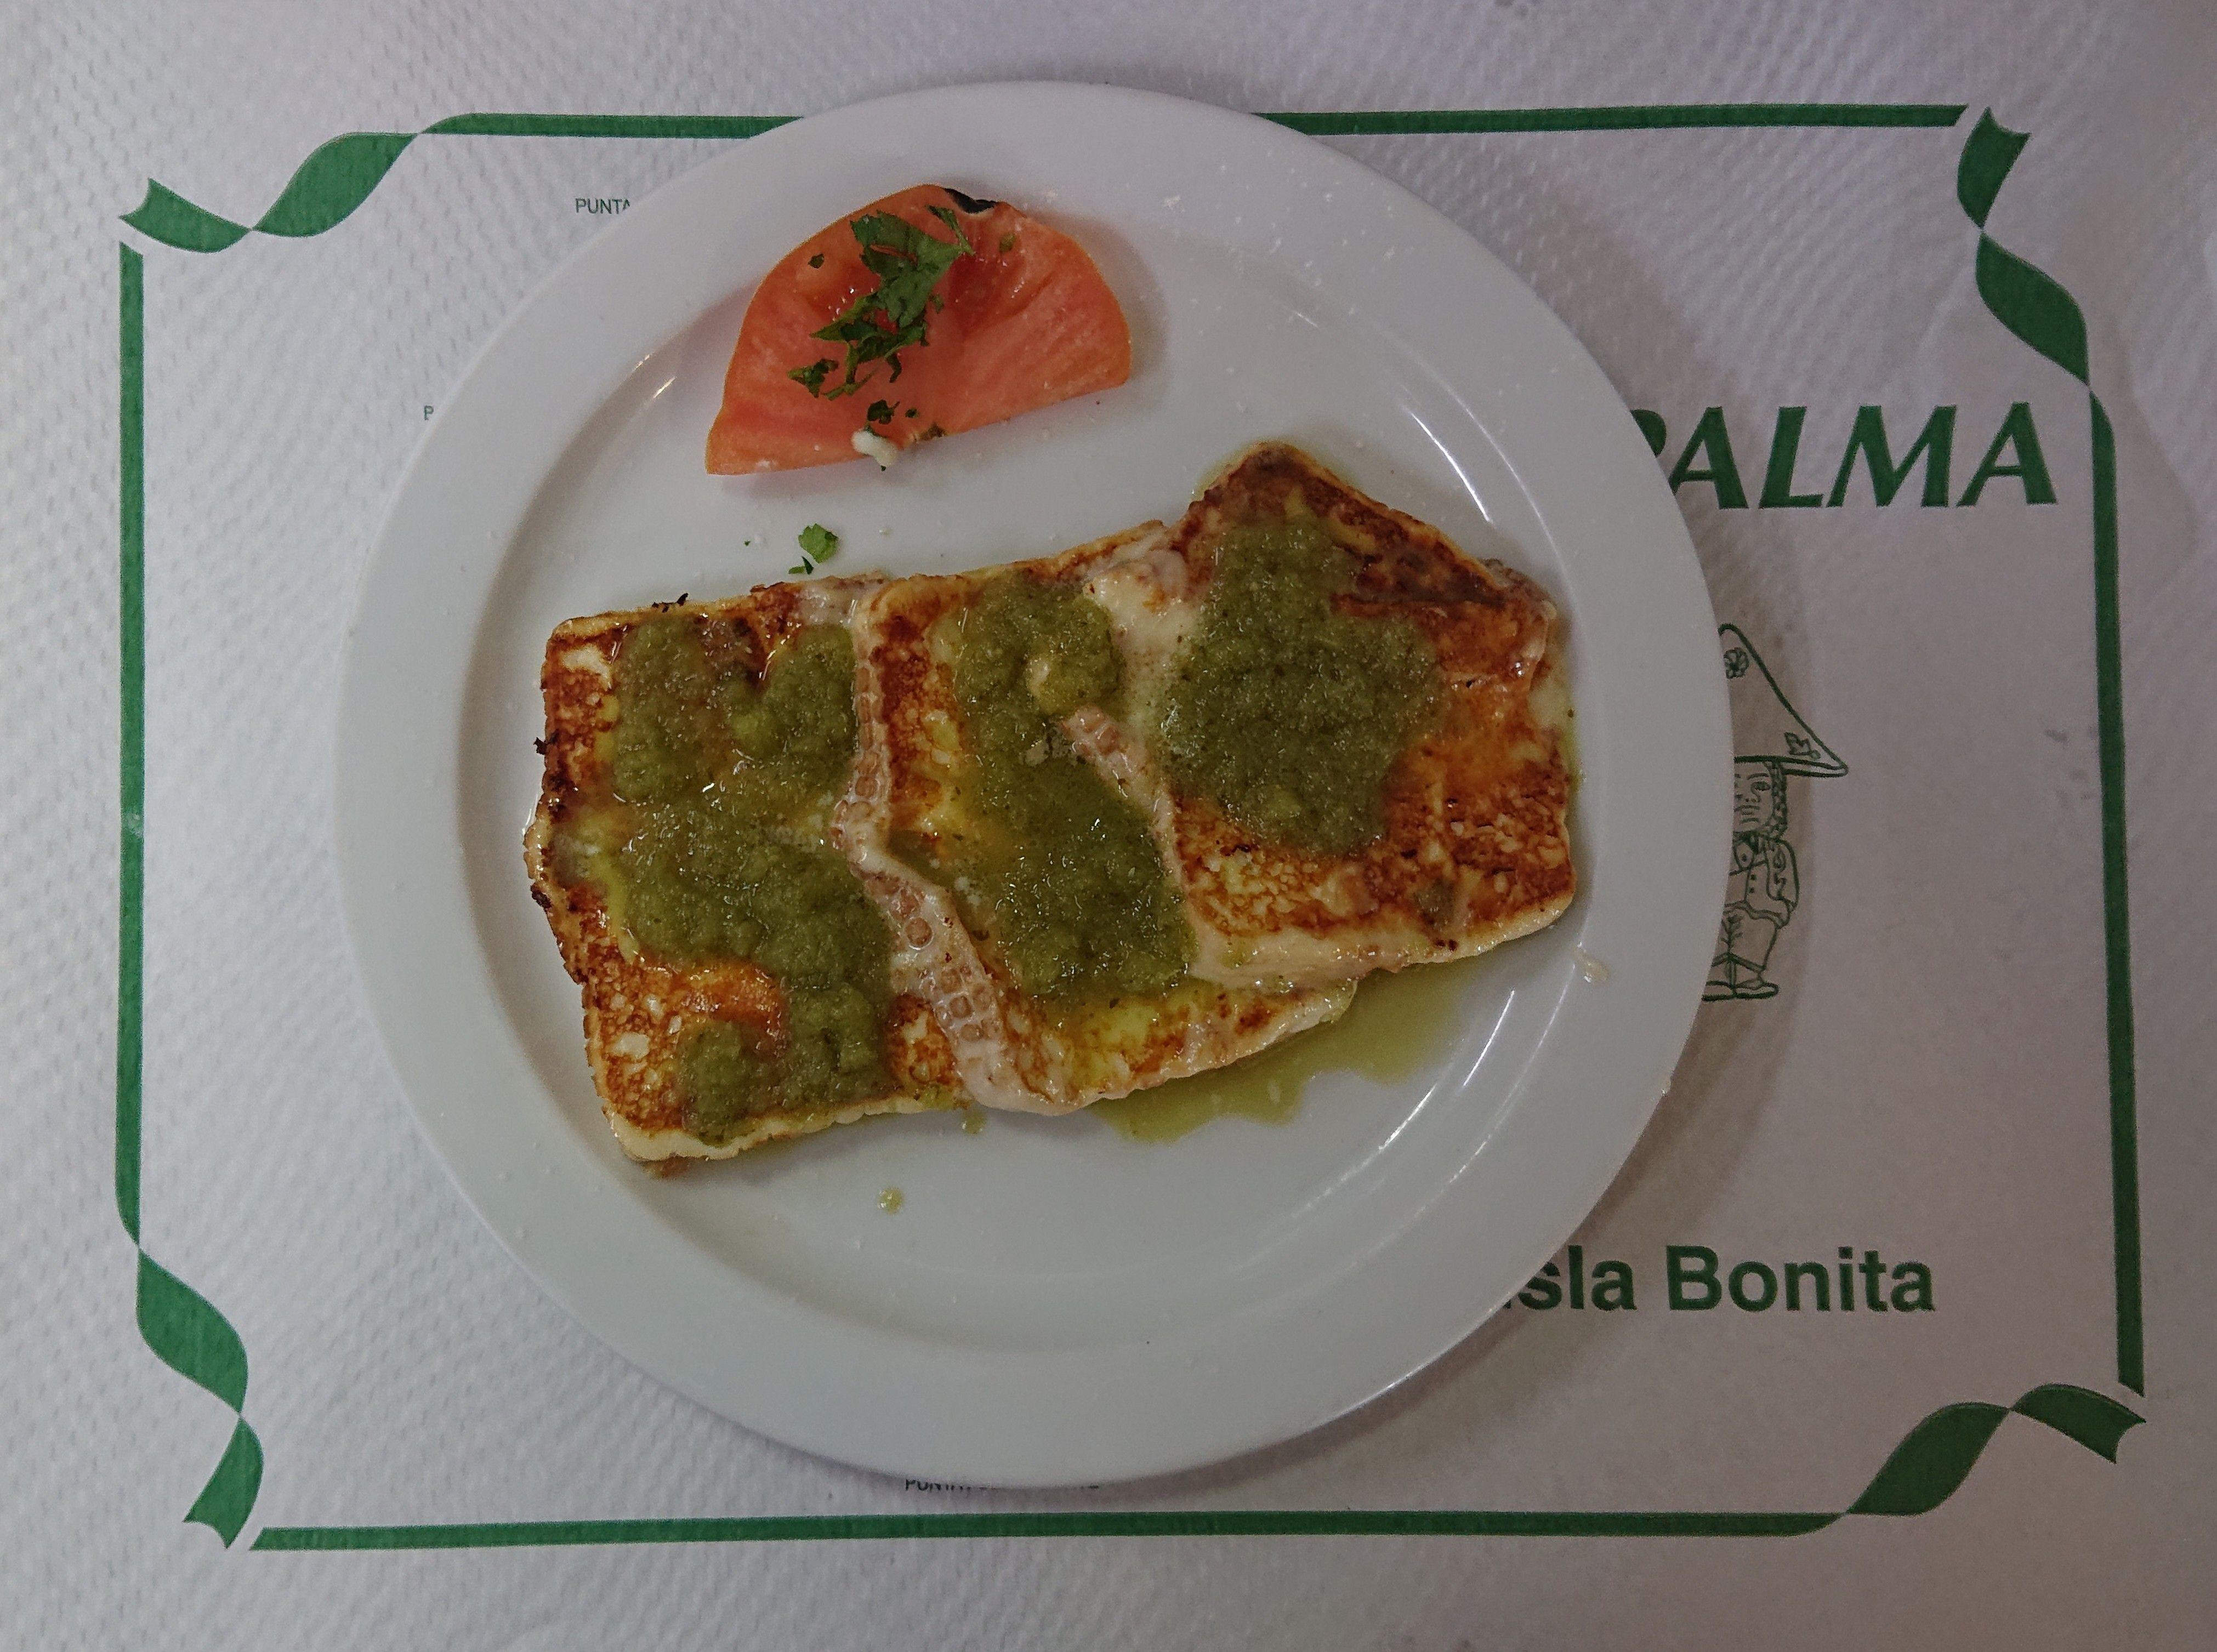 Platos elaborados con ingredientes de calidad en Santa Cruz de la Palma